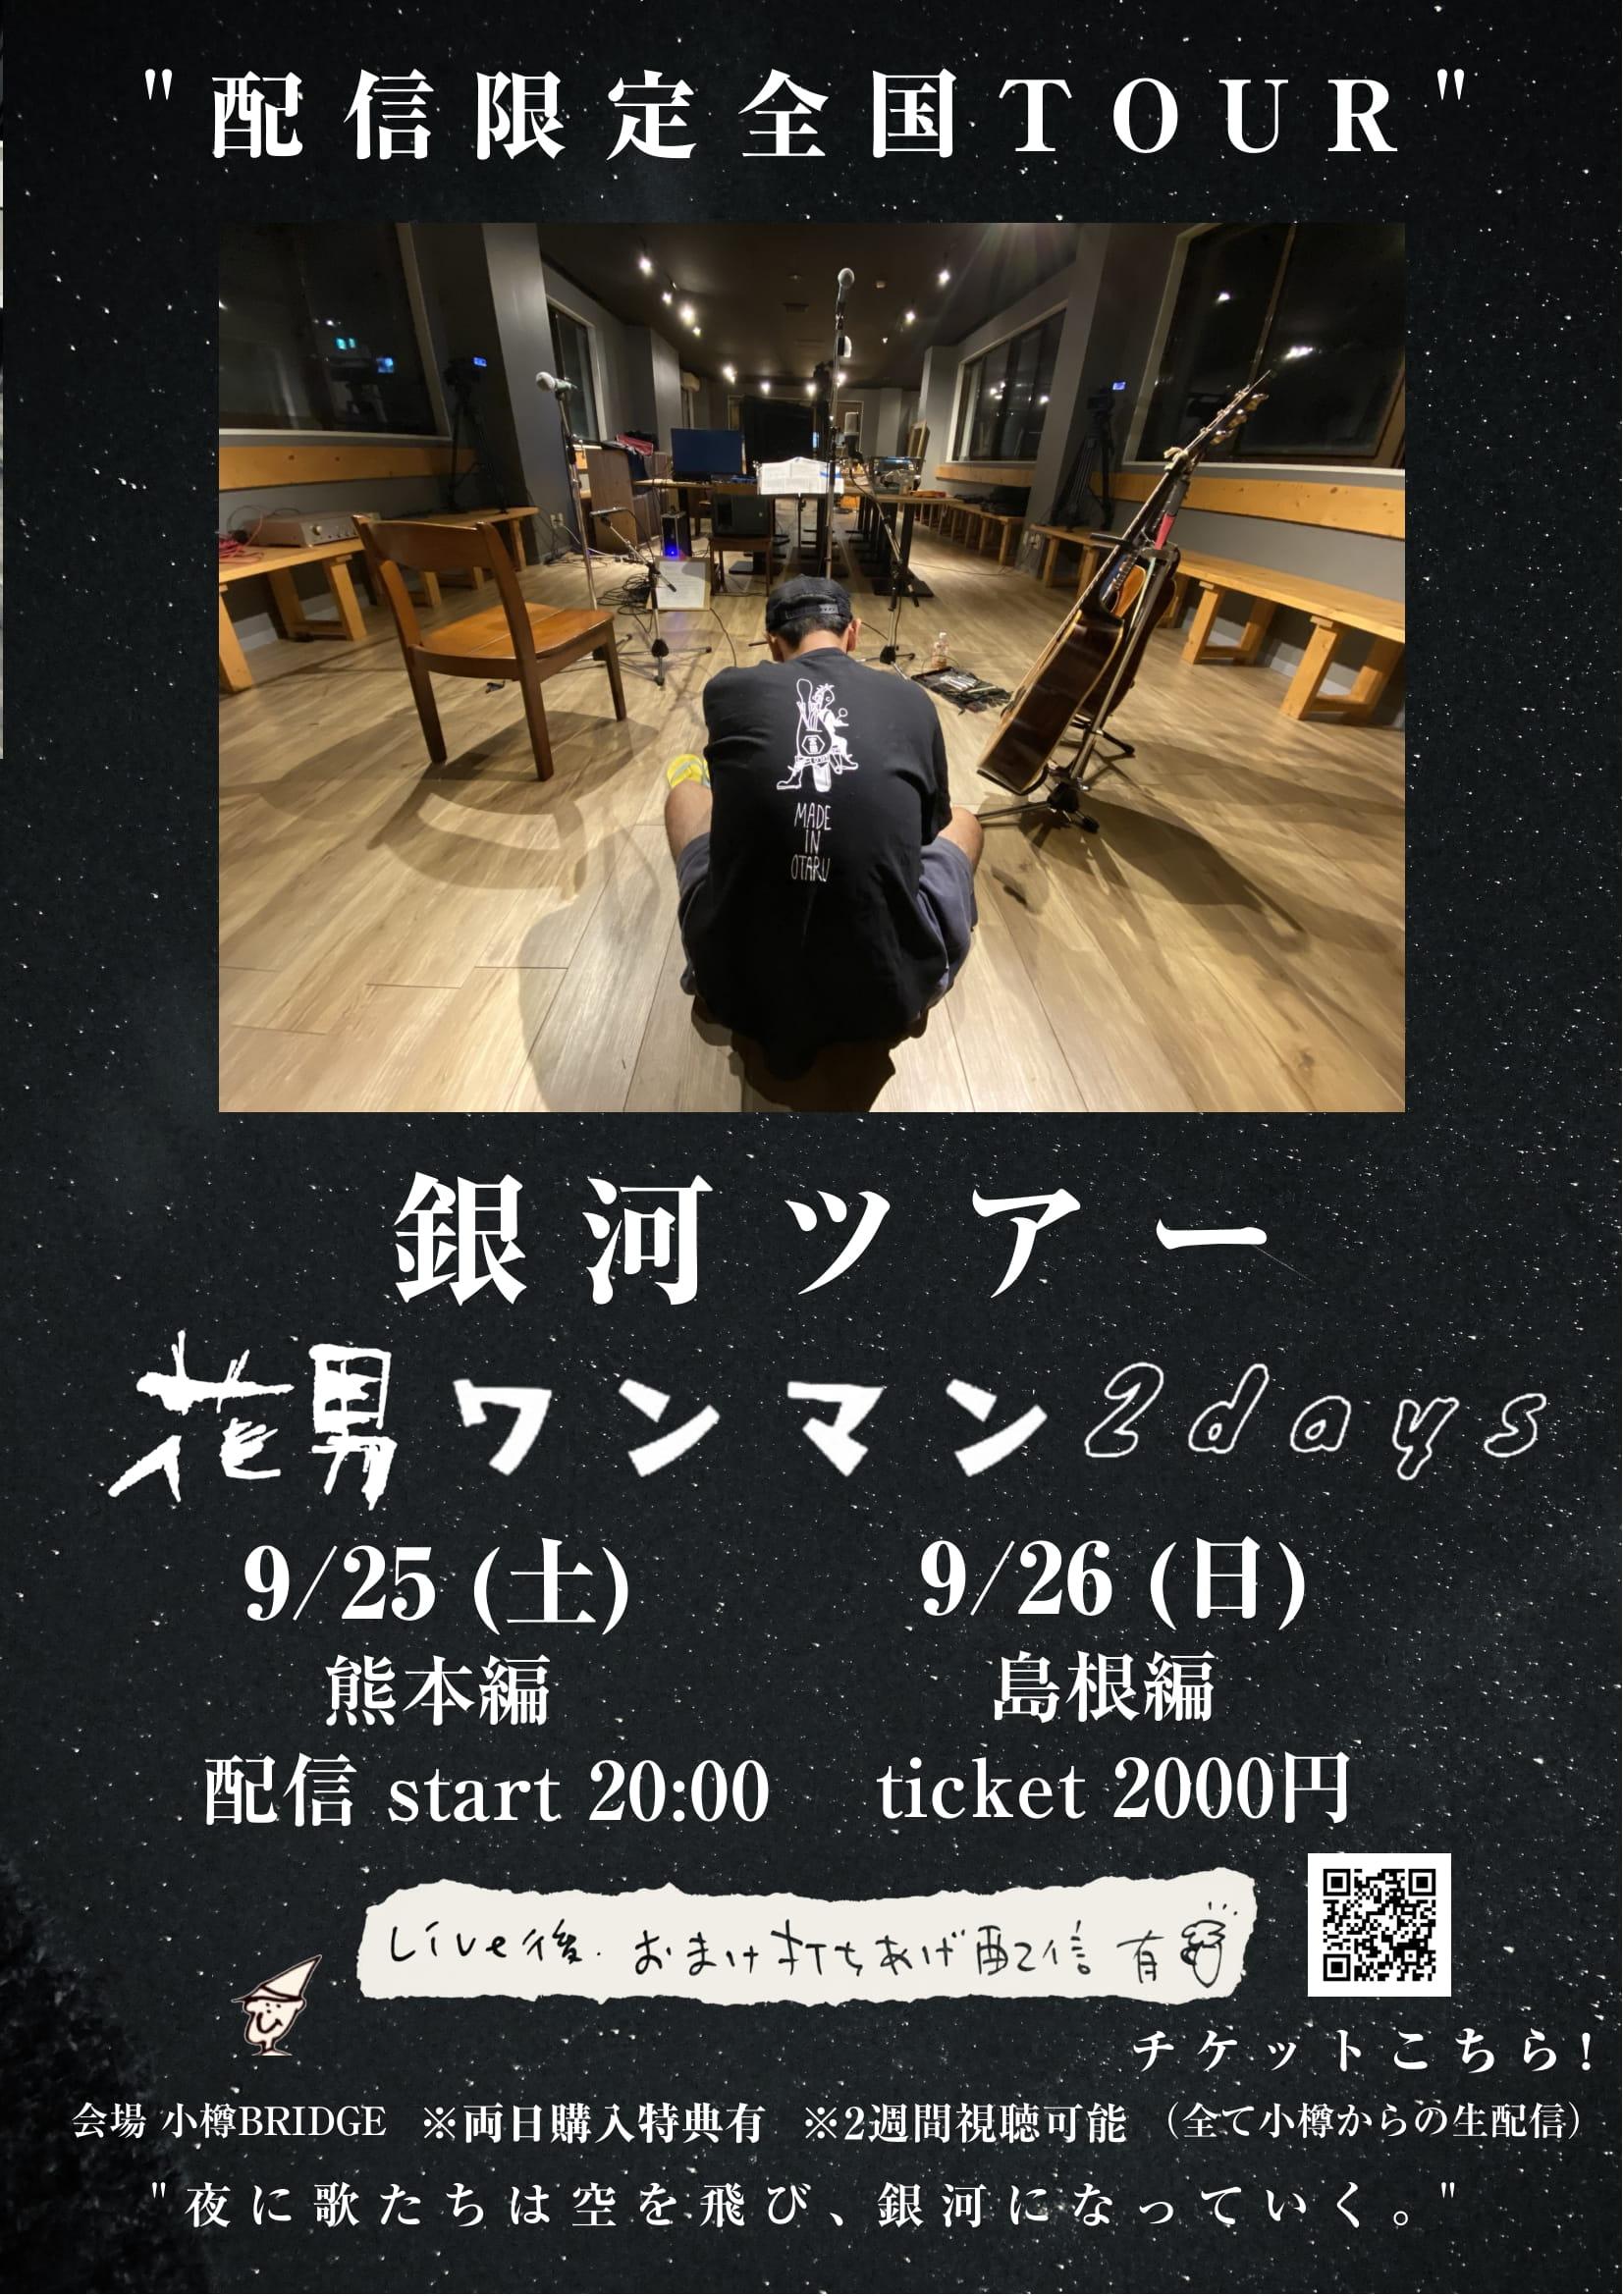 """9/25(土)小樽BRIDGE """" 銀河ツアー """" 26日目 生配信チケット"""